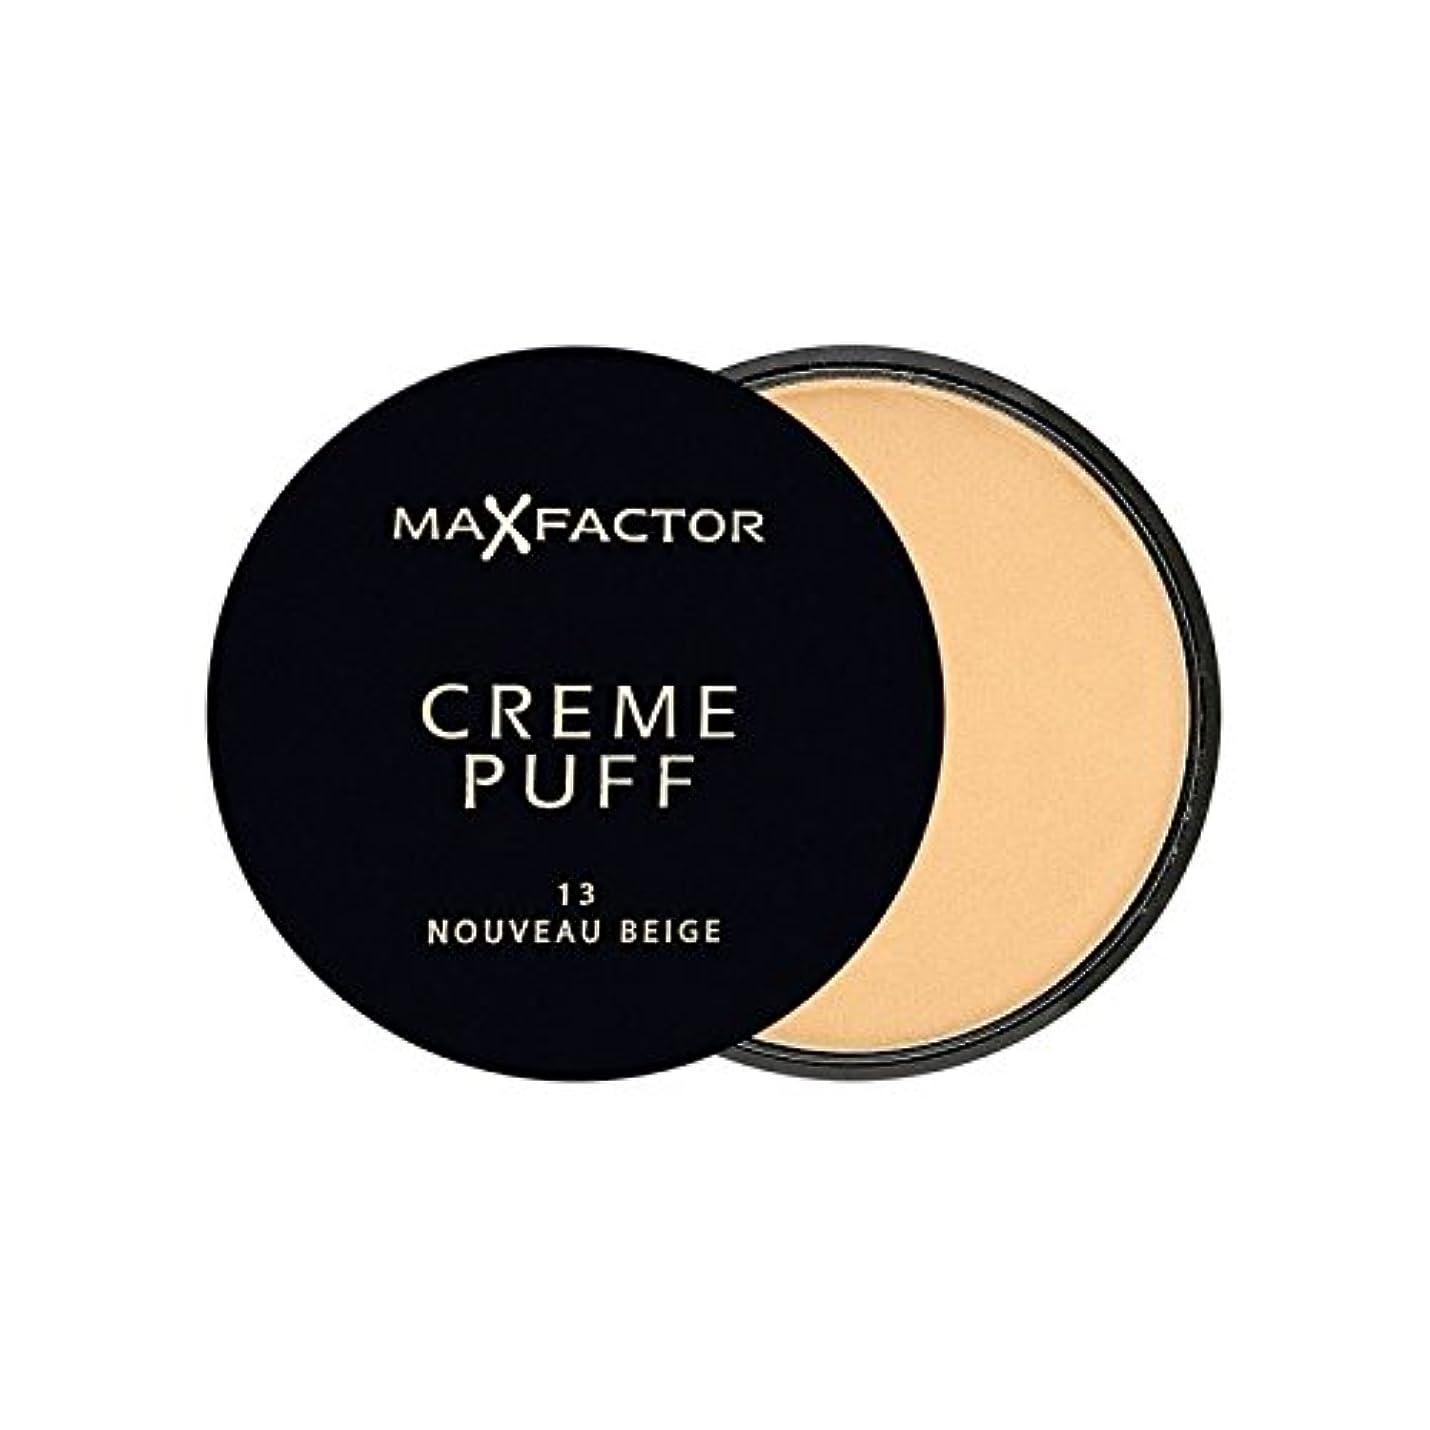 革新晩ごはんあいまいさMax Factor Creme Puff Powder Compact Nouveau Beige 13 - マックスファクタークリームパフ粉末コンパクトヌーボーベージュ13 [並行輸入品]